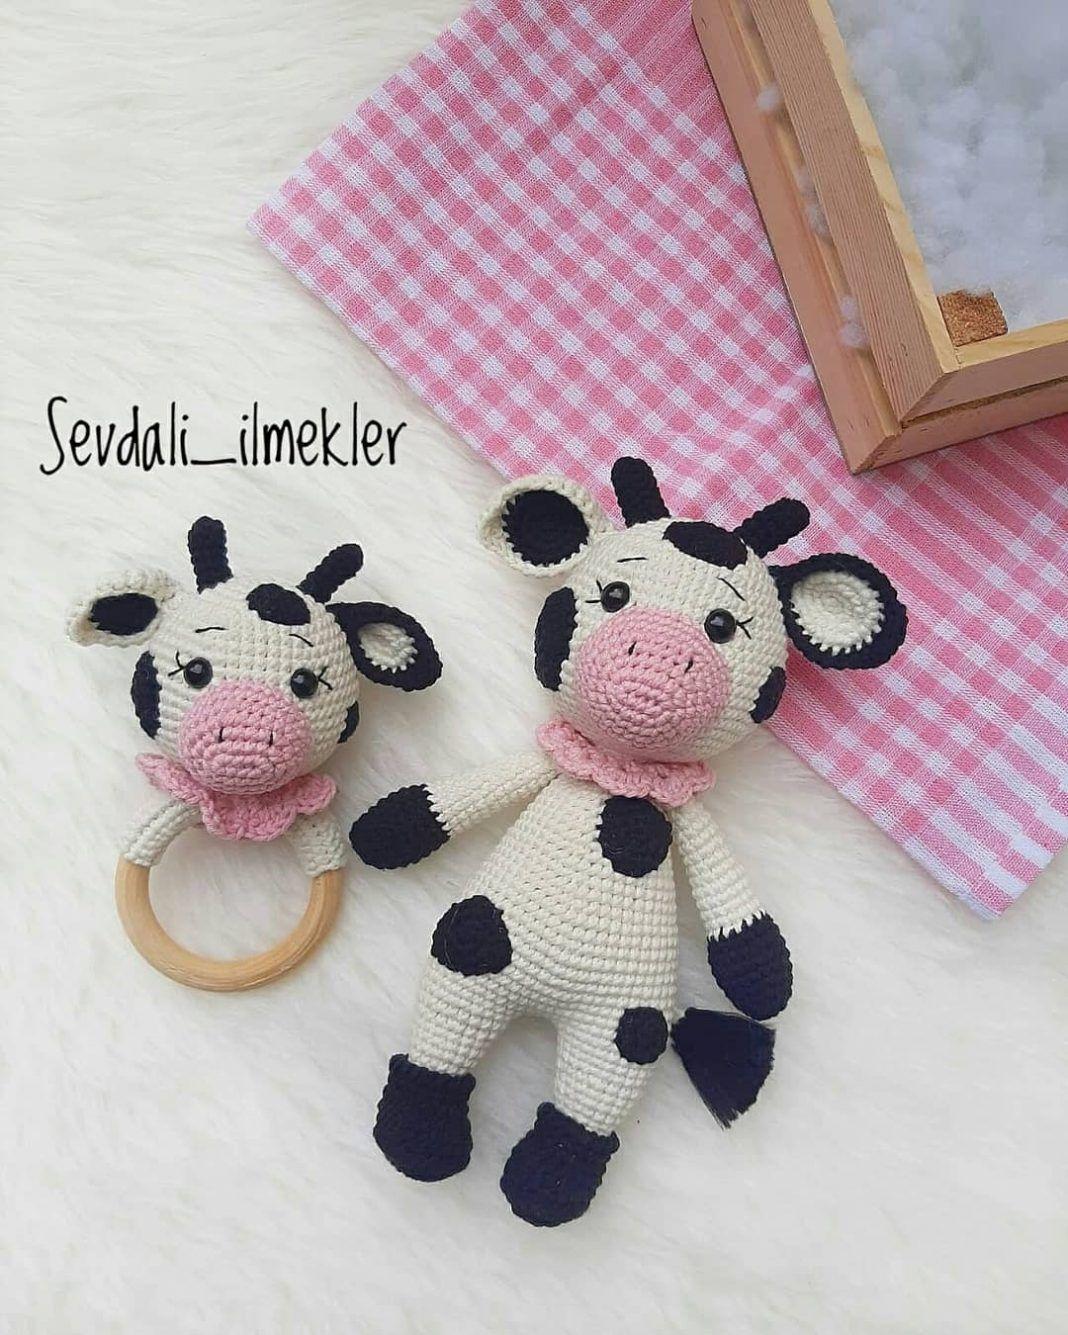 crochet olaf snowman amigurumi | Amigurumi, Oyuncak, Bebek oyuncakları | 1335x1068